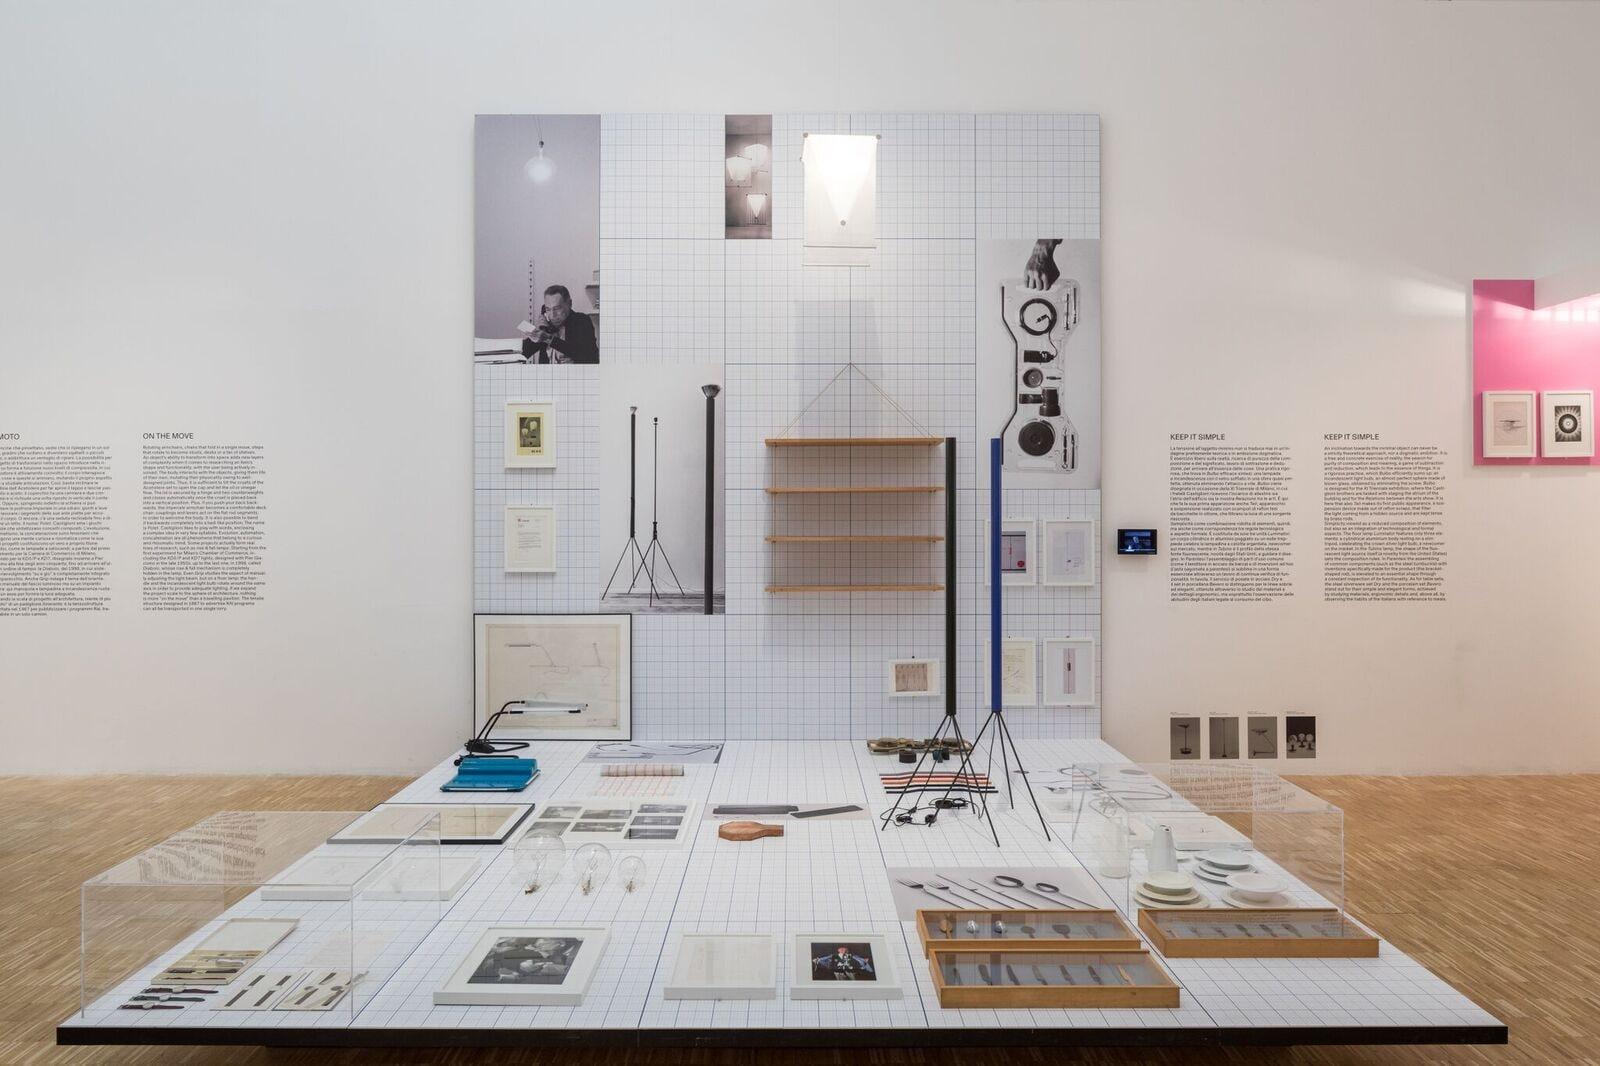 Mostra Design Milano 2018 a castiglioni - interni magazine